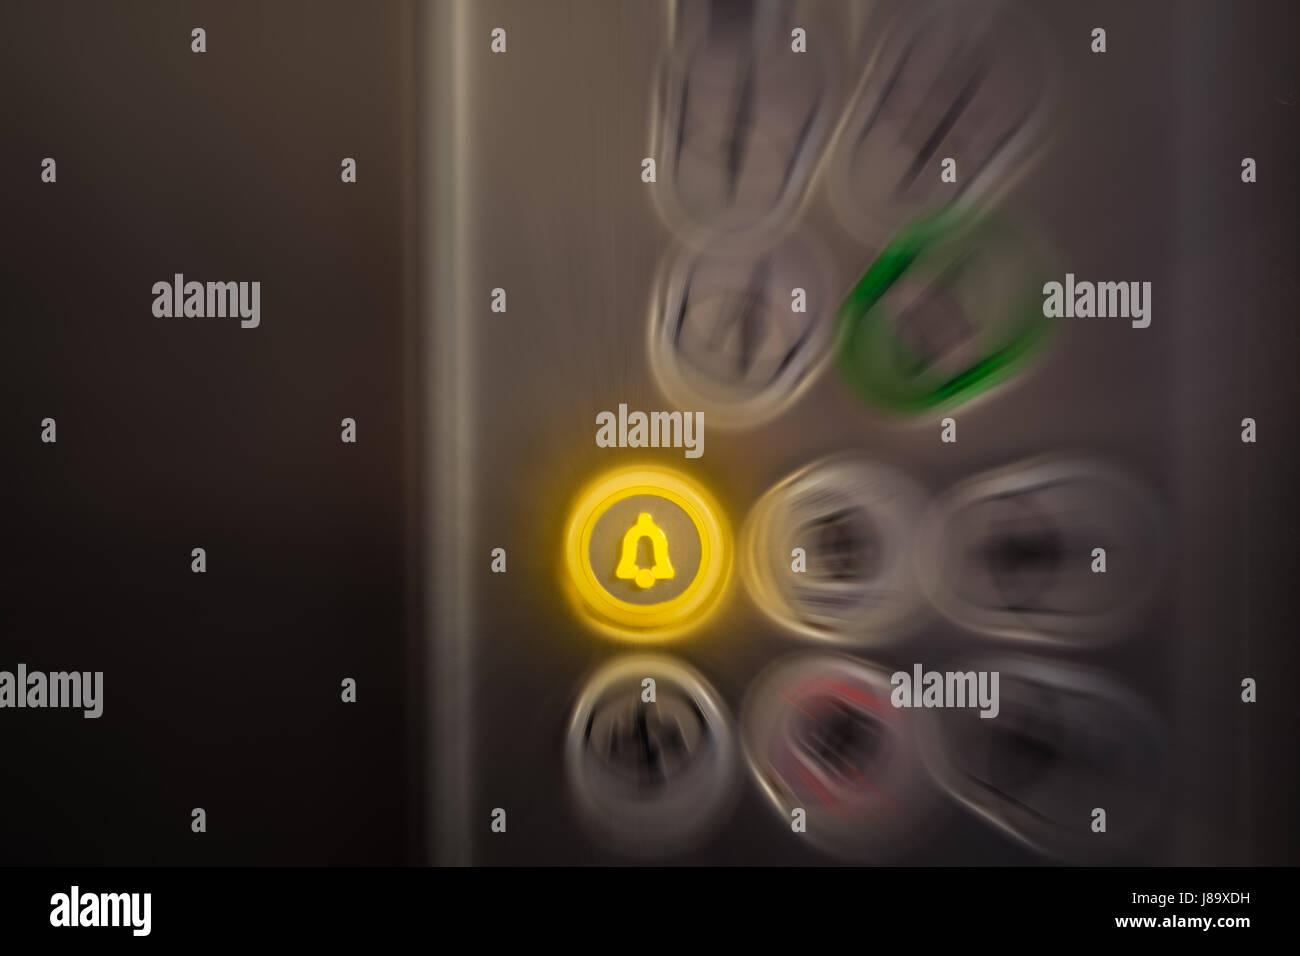 """Nahaufnahme von Aufzug Alarm und Panik-Taste am Bedienfeld. Schaltfläche """"eingeschaltet ist. Notfall- Stockbild"""